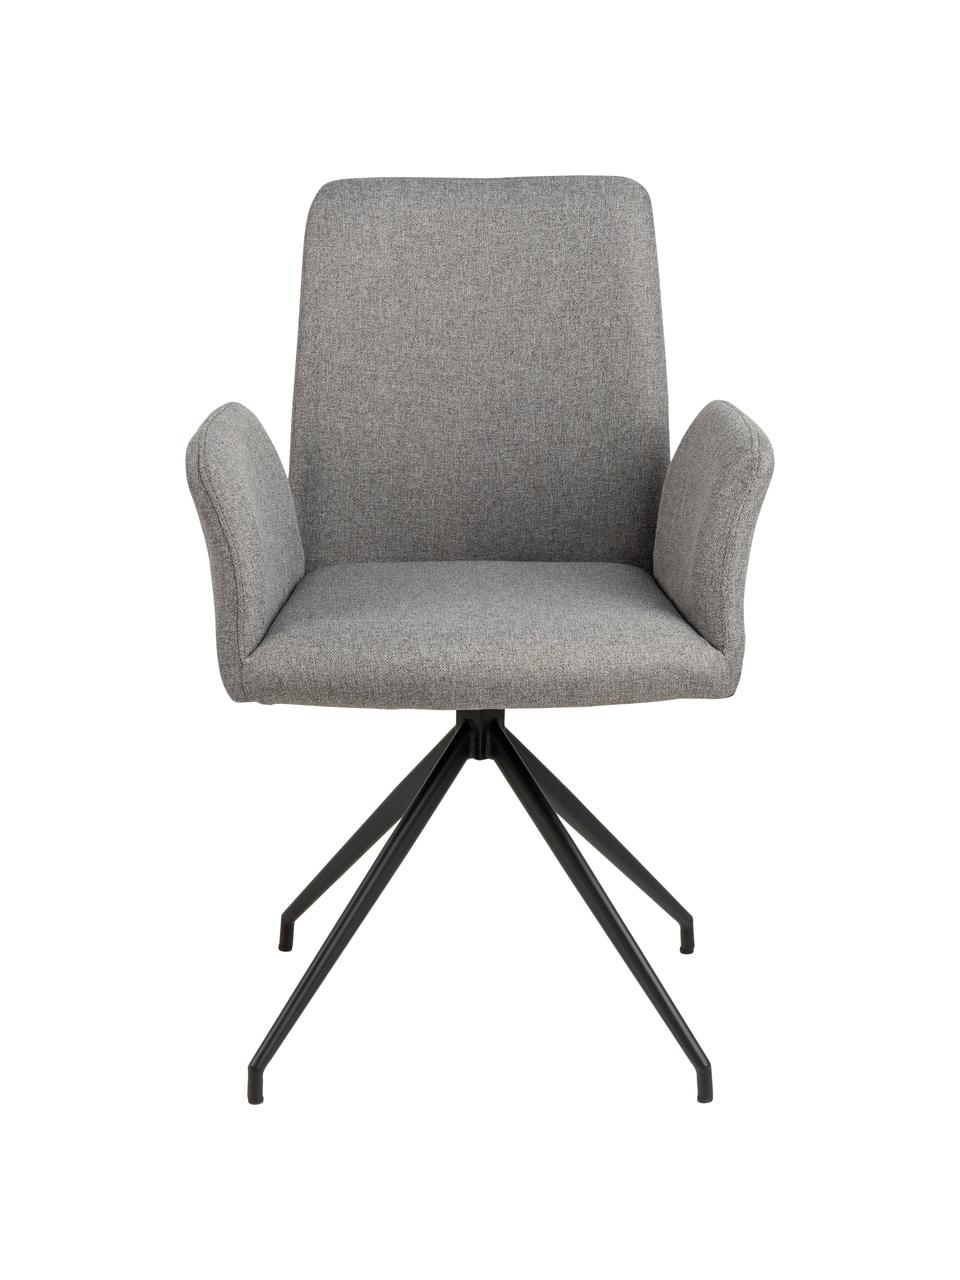 Tapicerowane krzesło obrotowe Naya, Tapicerka: poliester Dzięki tkaninie, Stelaż: metal malowany proszkowo, Jasny szary, S 59 x G 59 cm